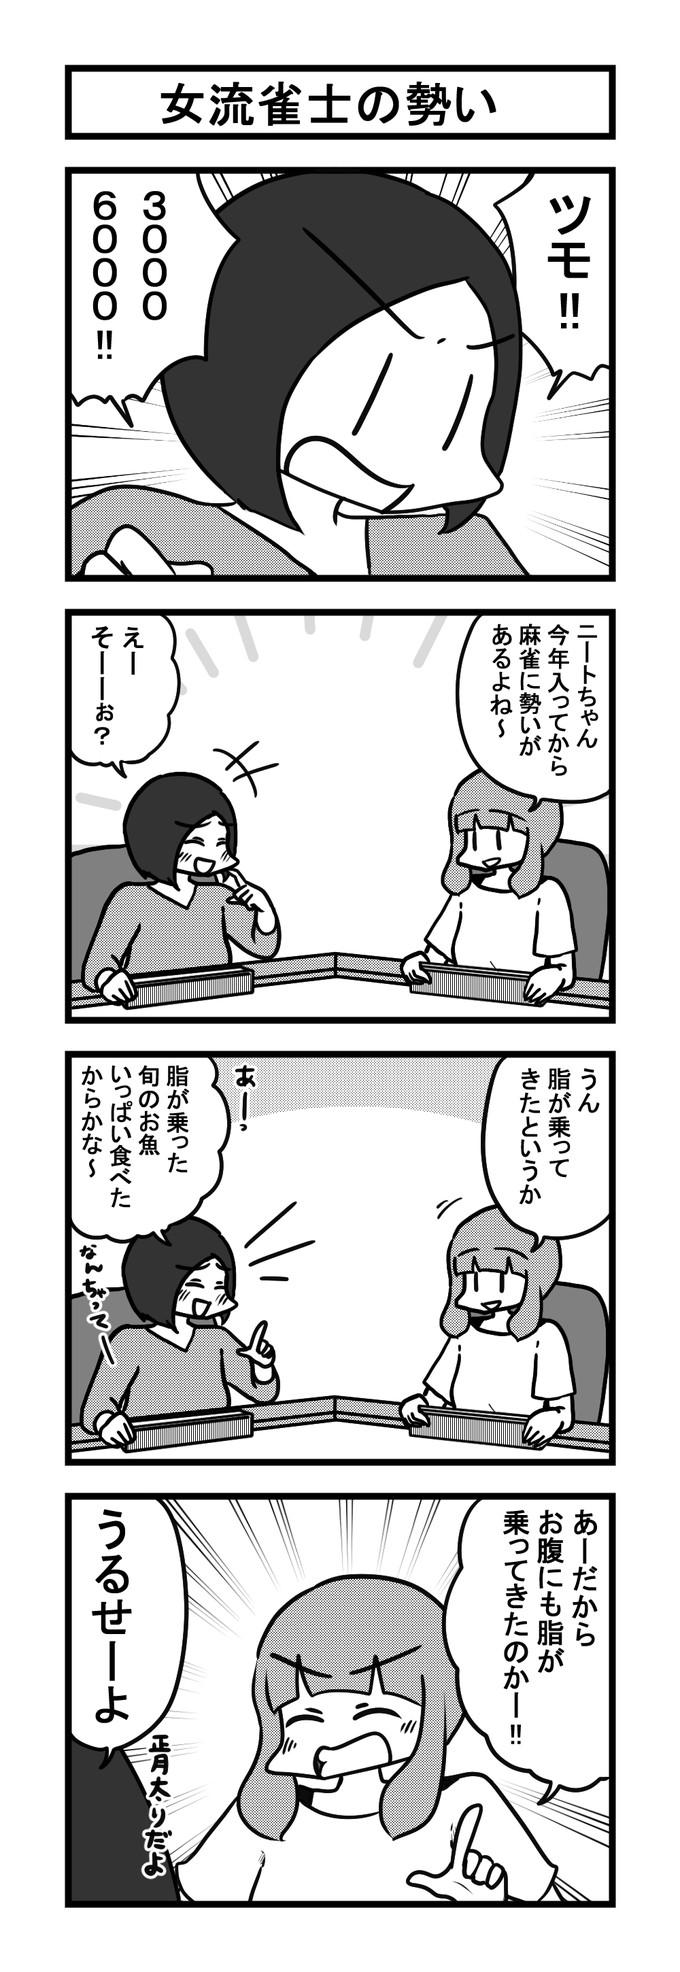 978女流雀士の勢い-min